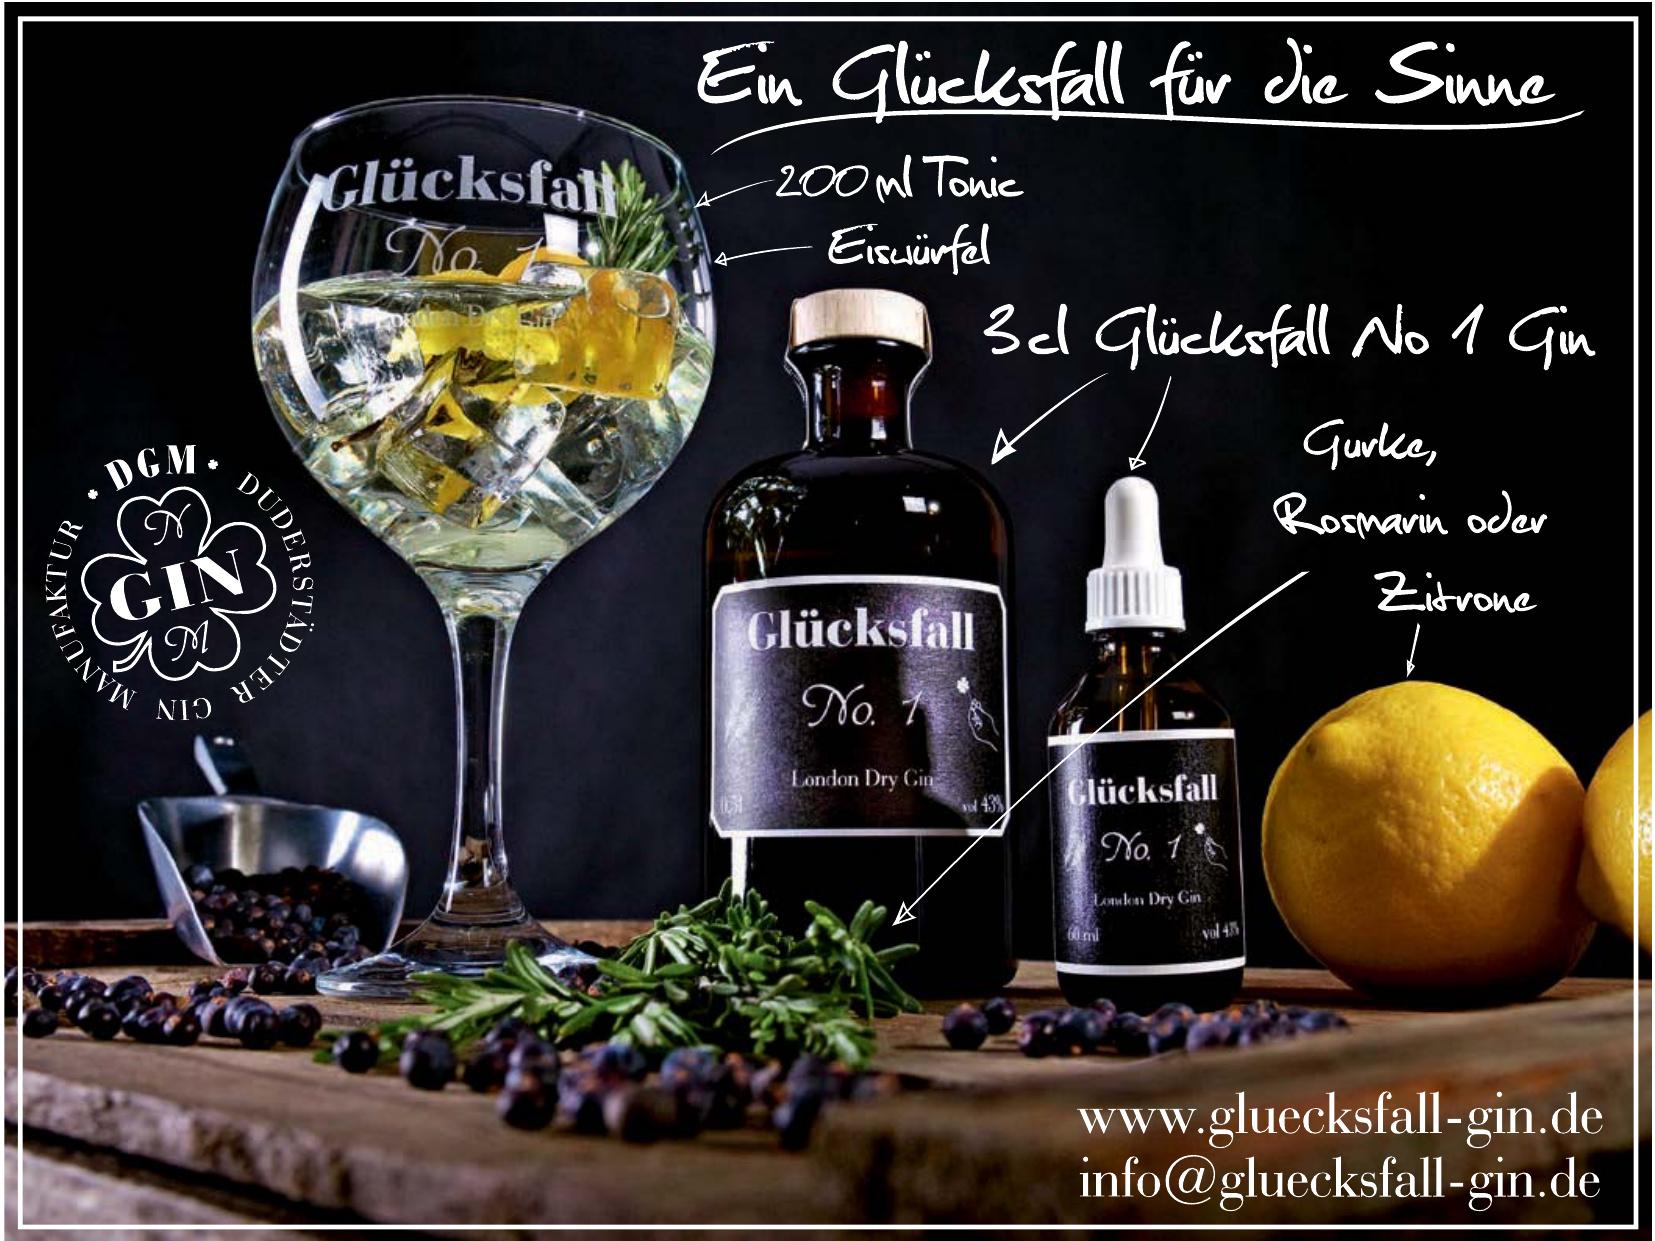 Glücksfall Gin